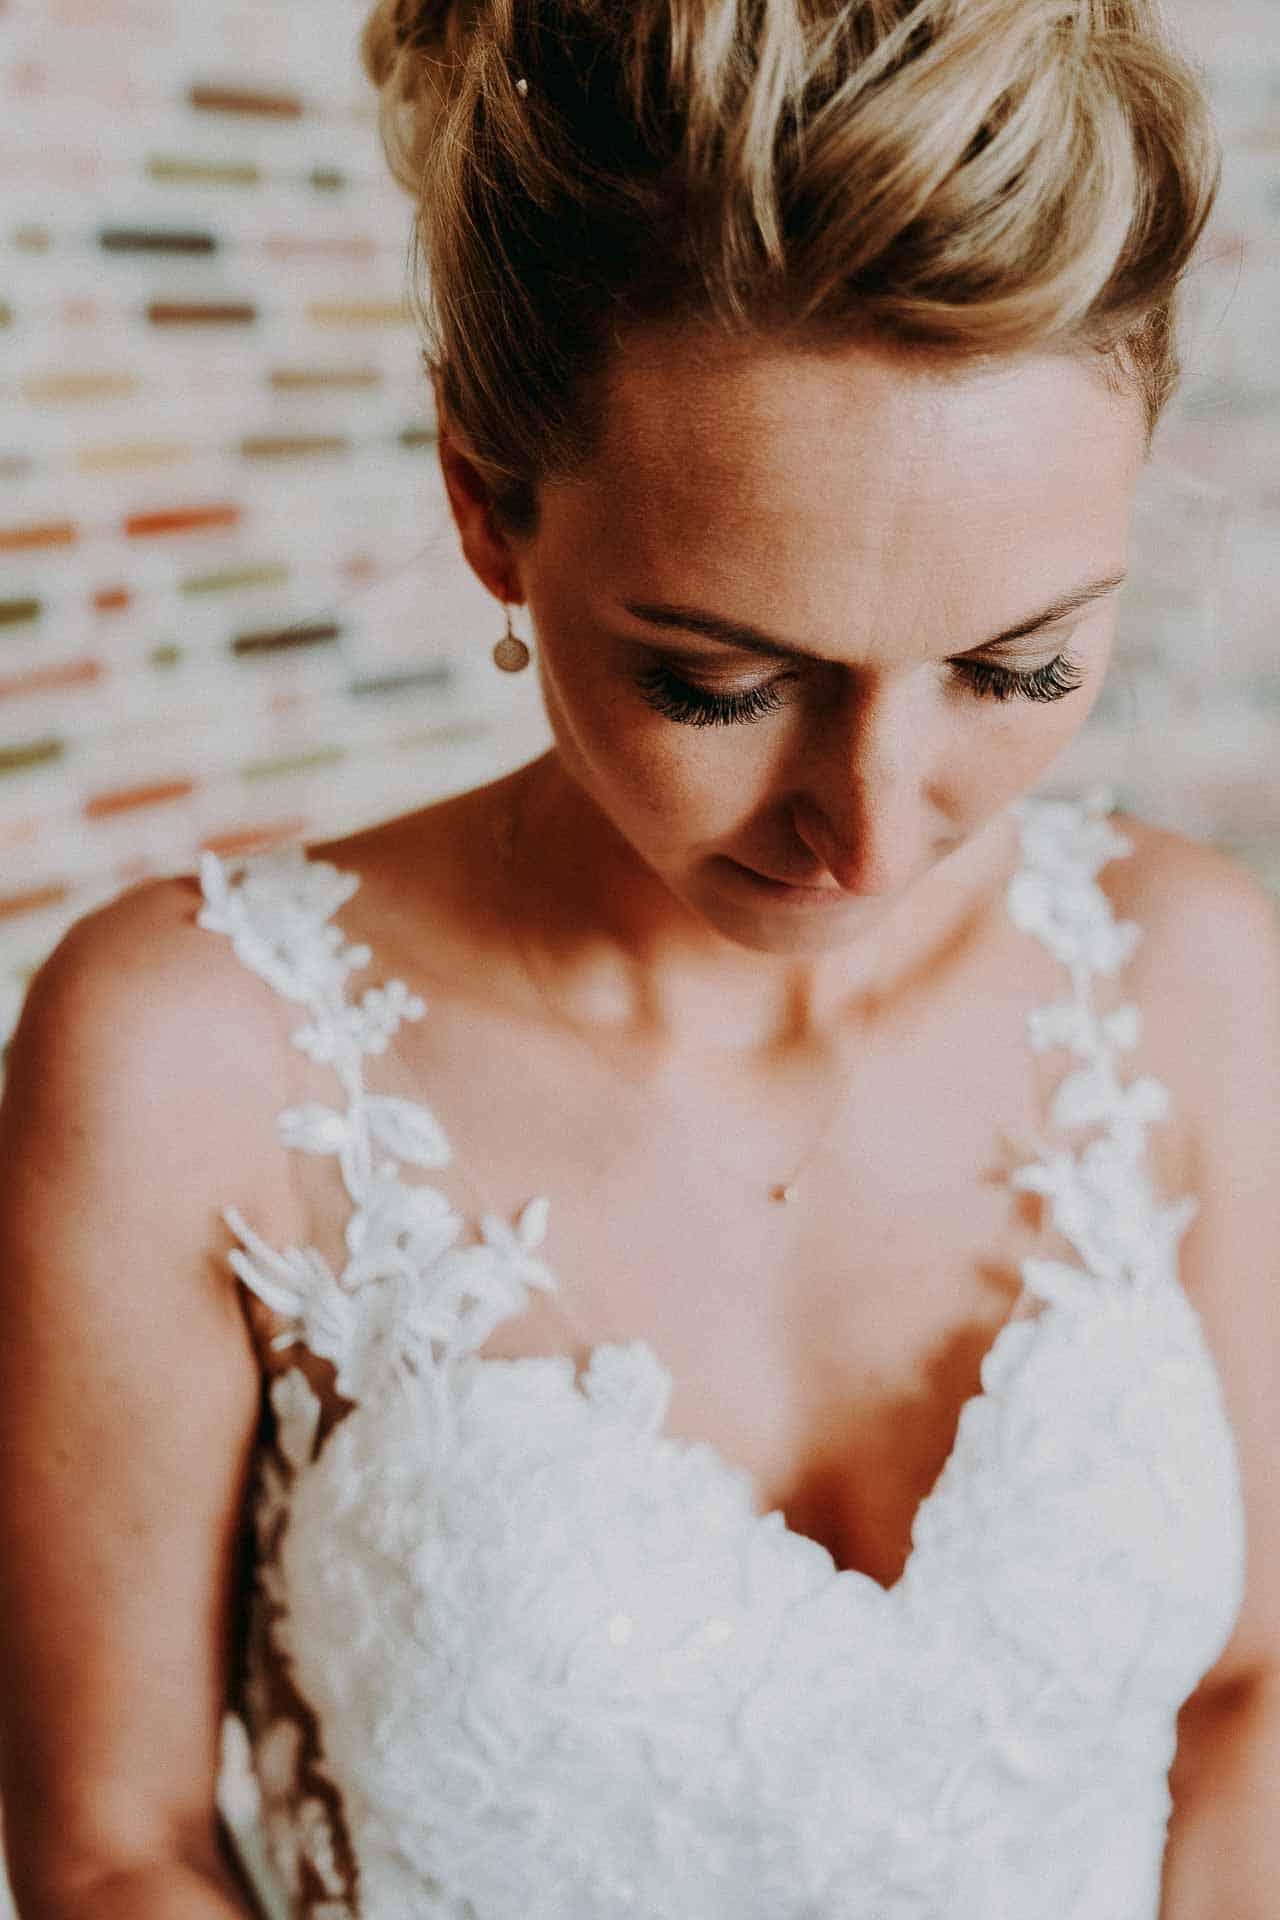 Vælg en brudekjole af høj kvalitet - Bryllup